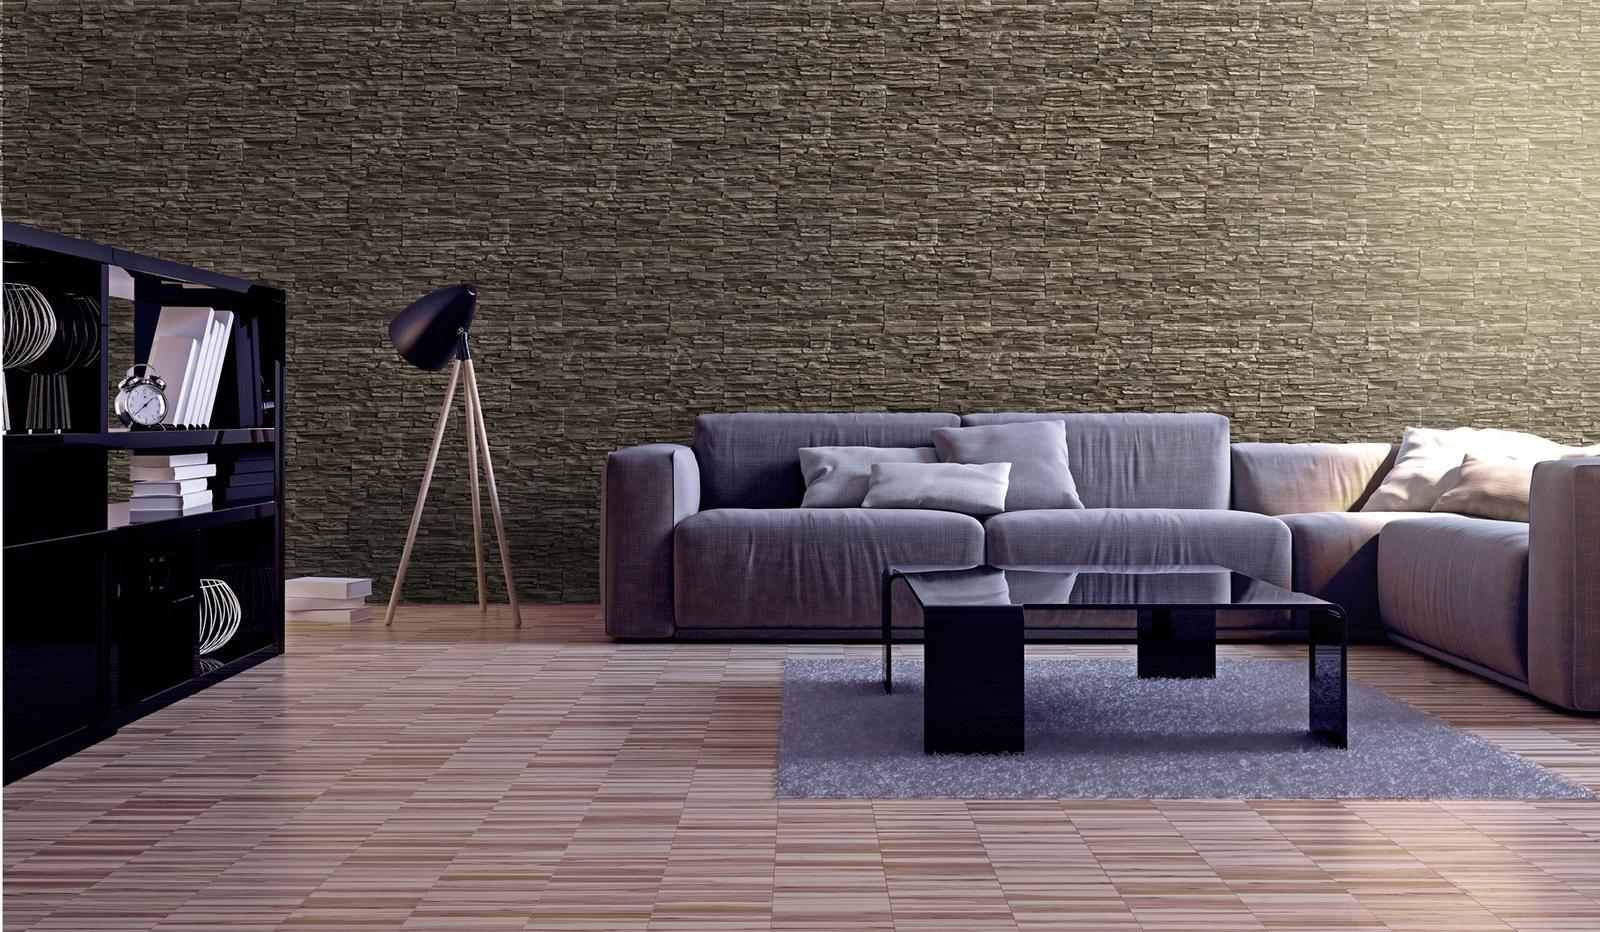 obkladyrepa - Moderní interiér s použitím imitace kamene.